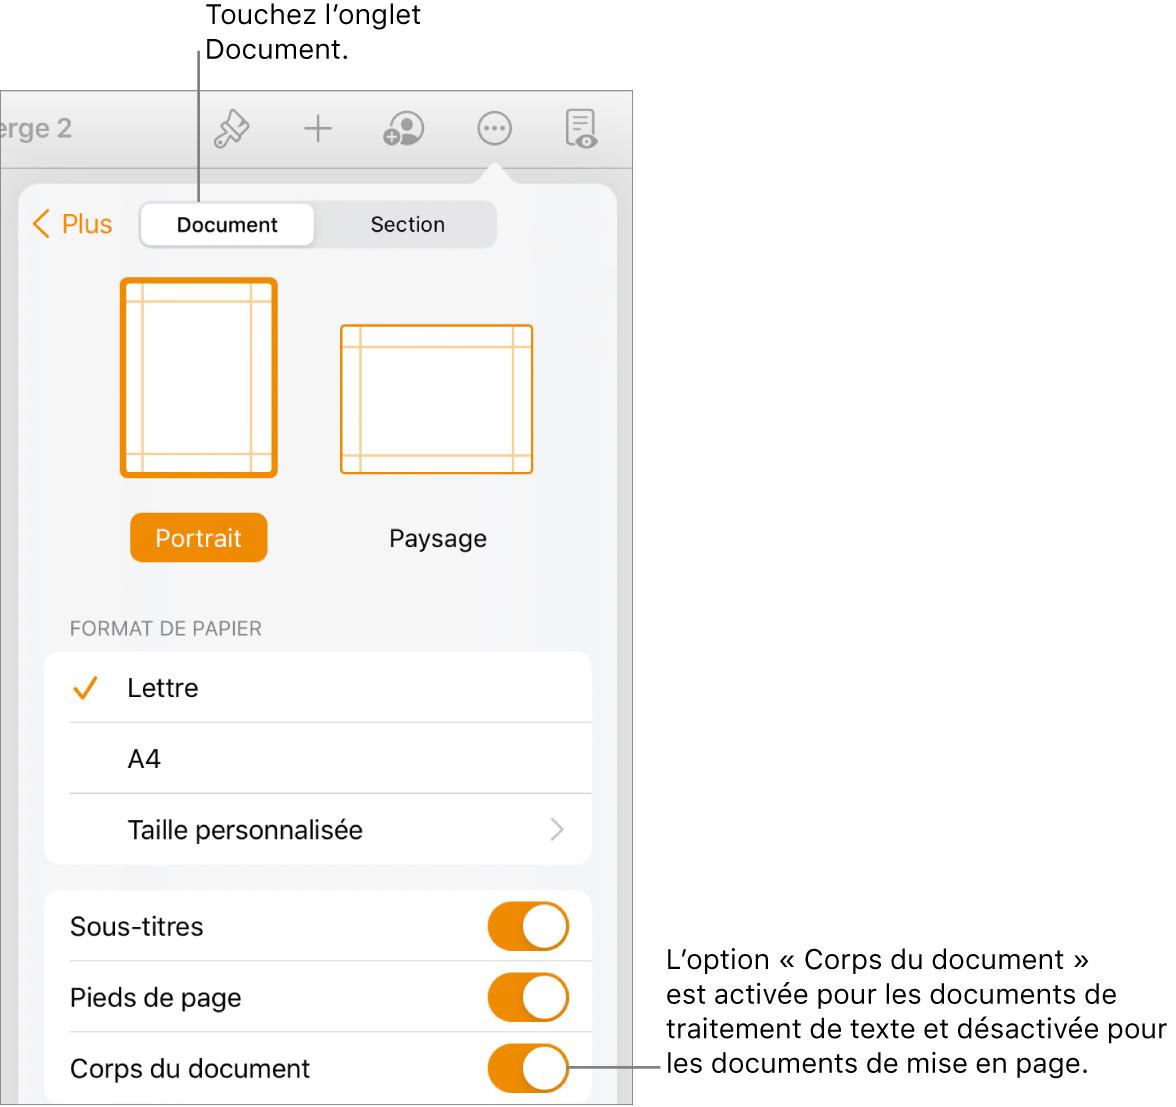 Les commandes de mise en forme de document avec l'option «Corps du document» activée vers le bas de l'écran.